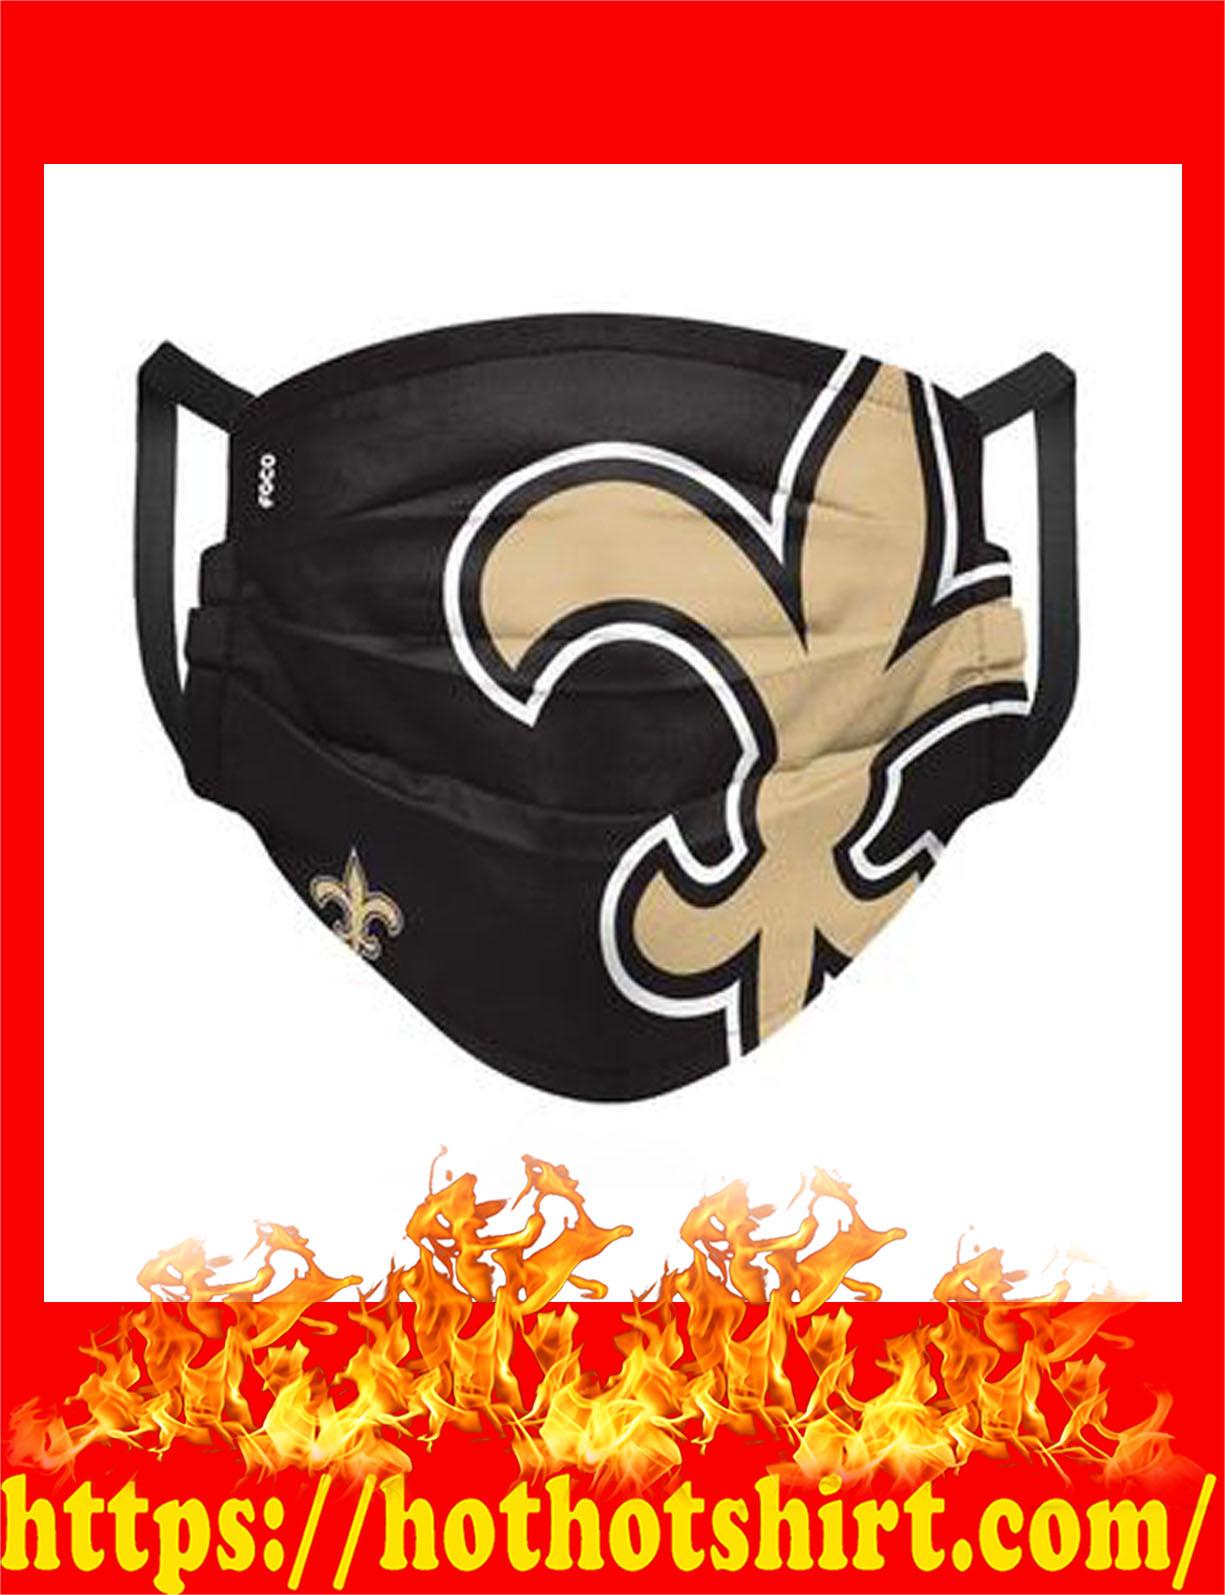 New orleans saints nfl cloth mask - detail